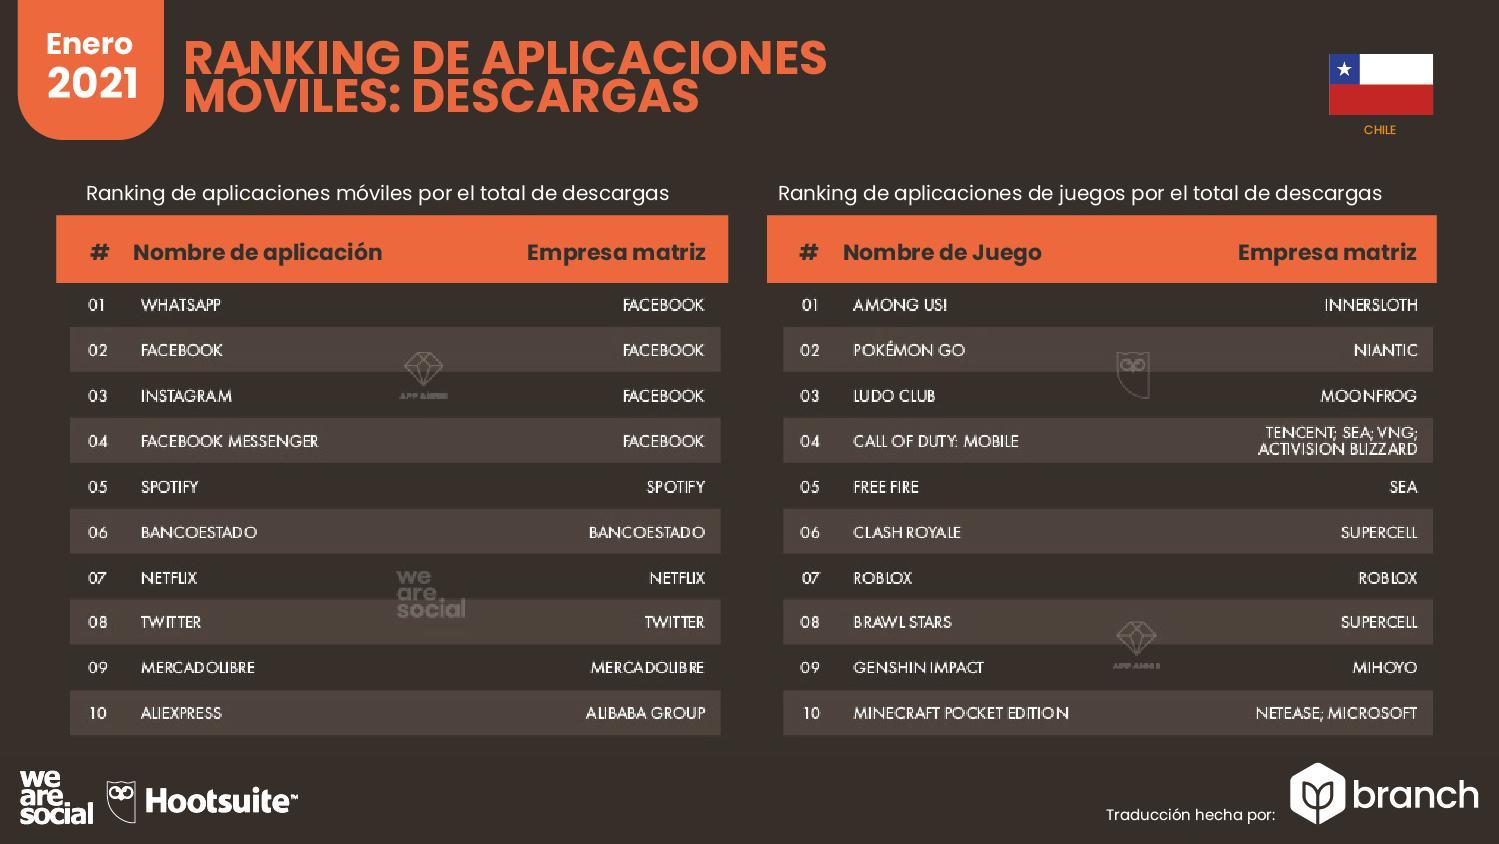 ranking-de-las-apps-mas-descargadas-en-chile-2020-2021